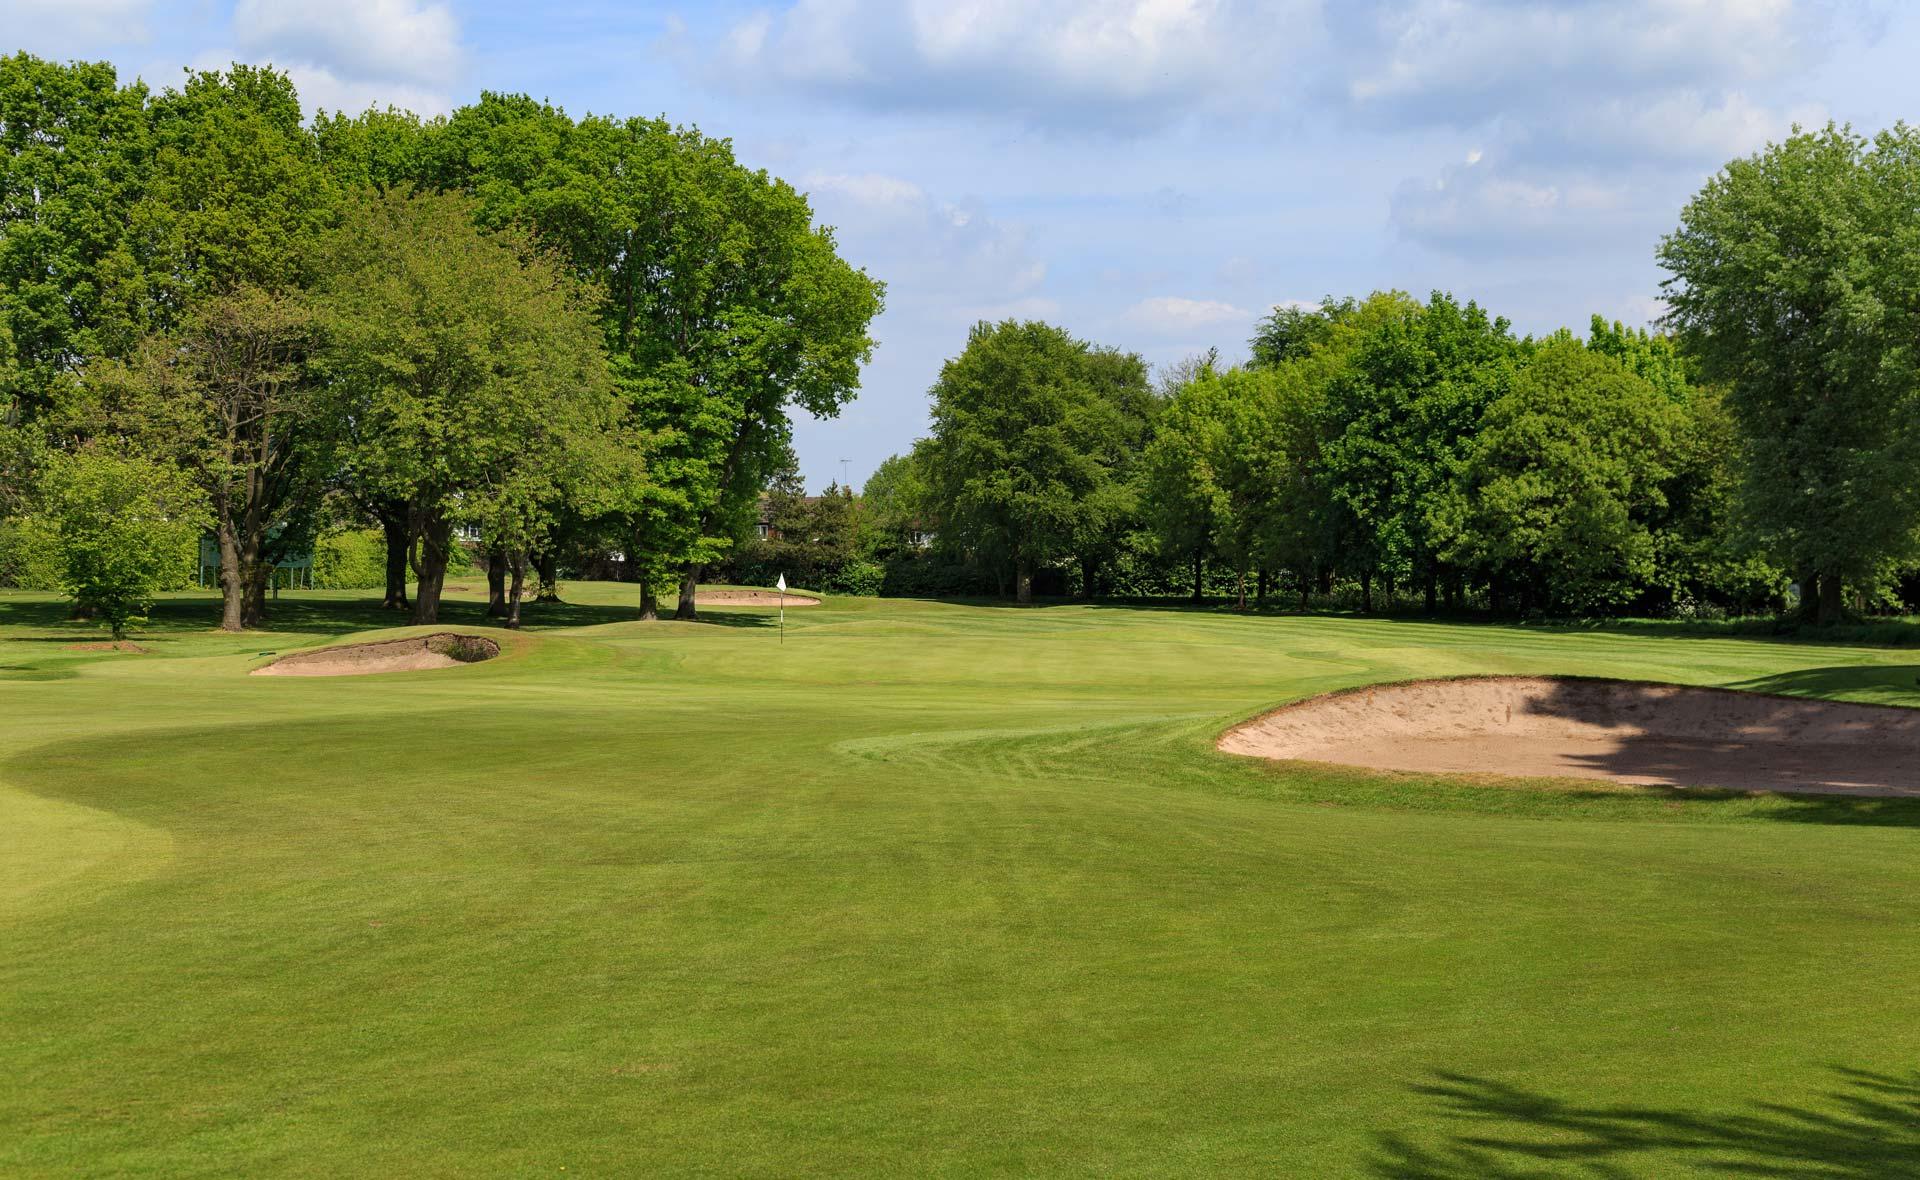 south staffordshire golf club hole 10